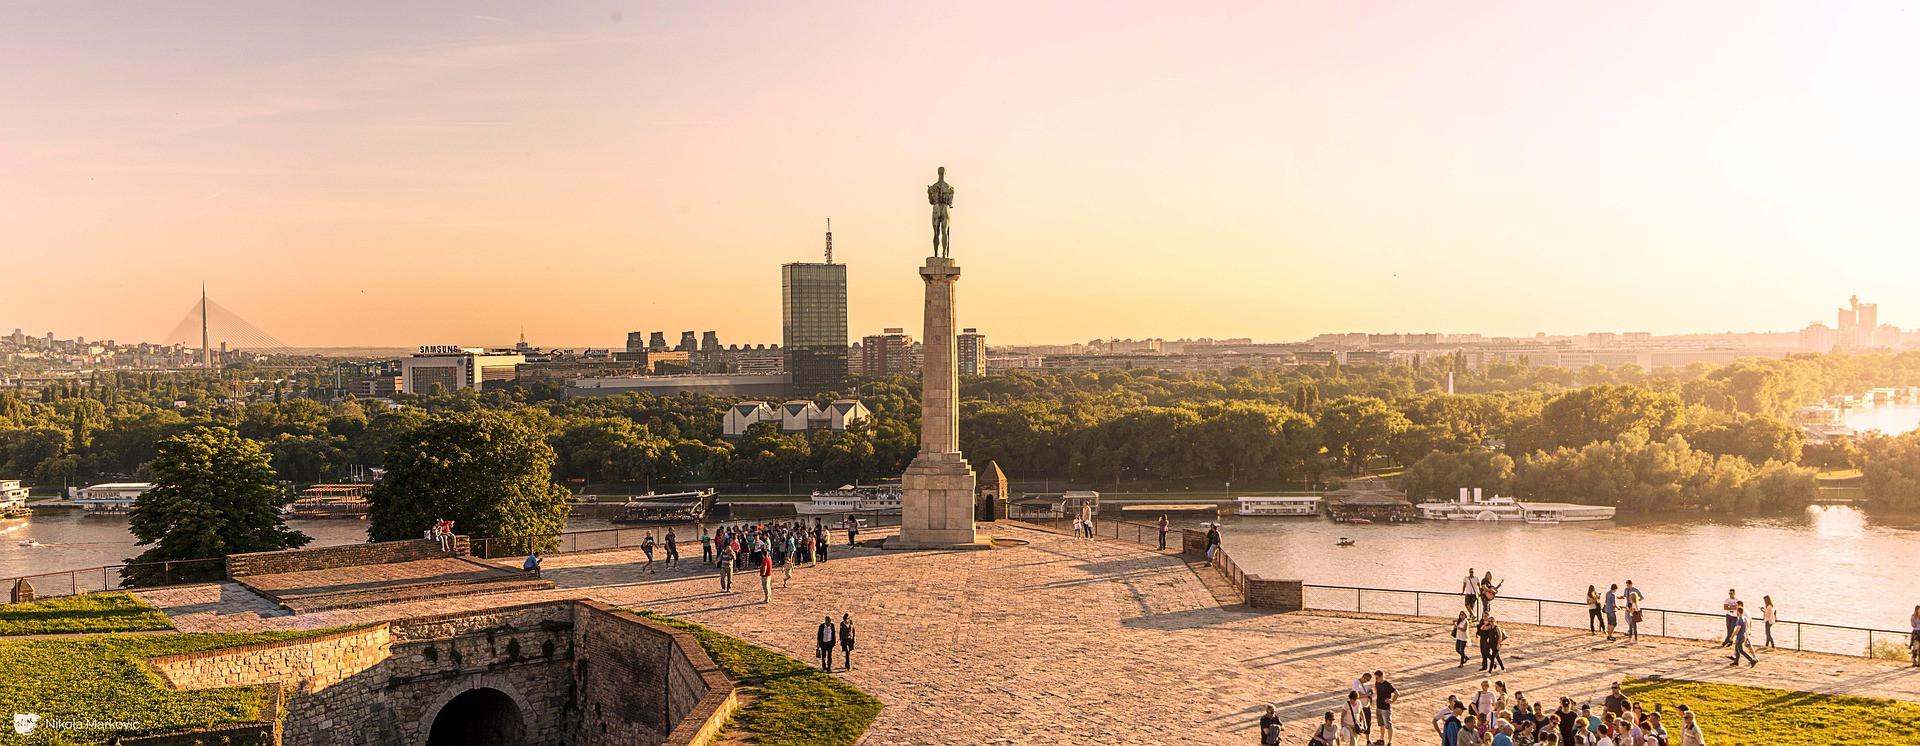 Kalemendan-Belgrad.jpg